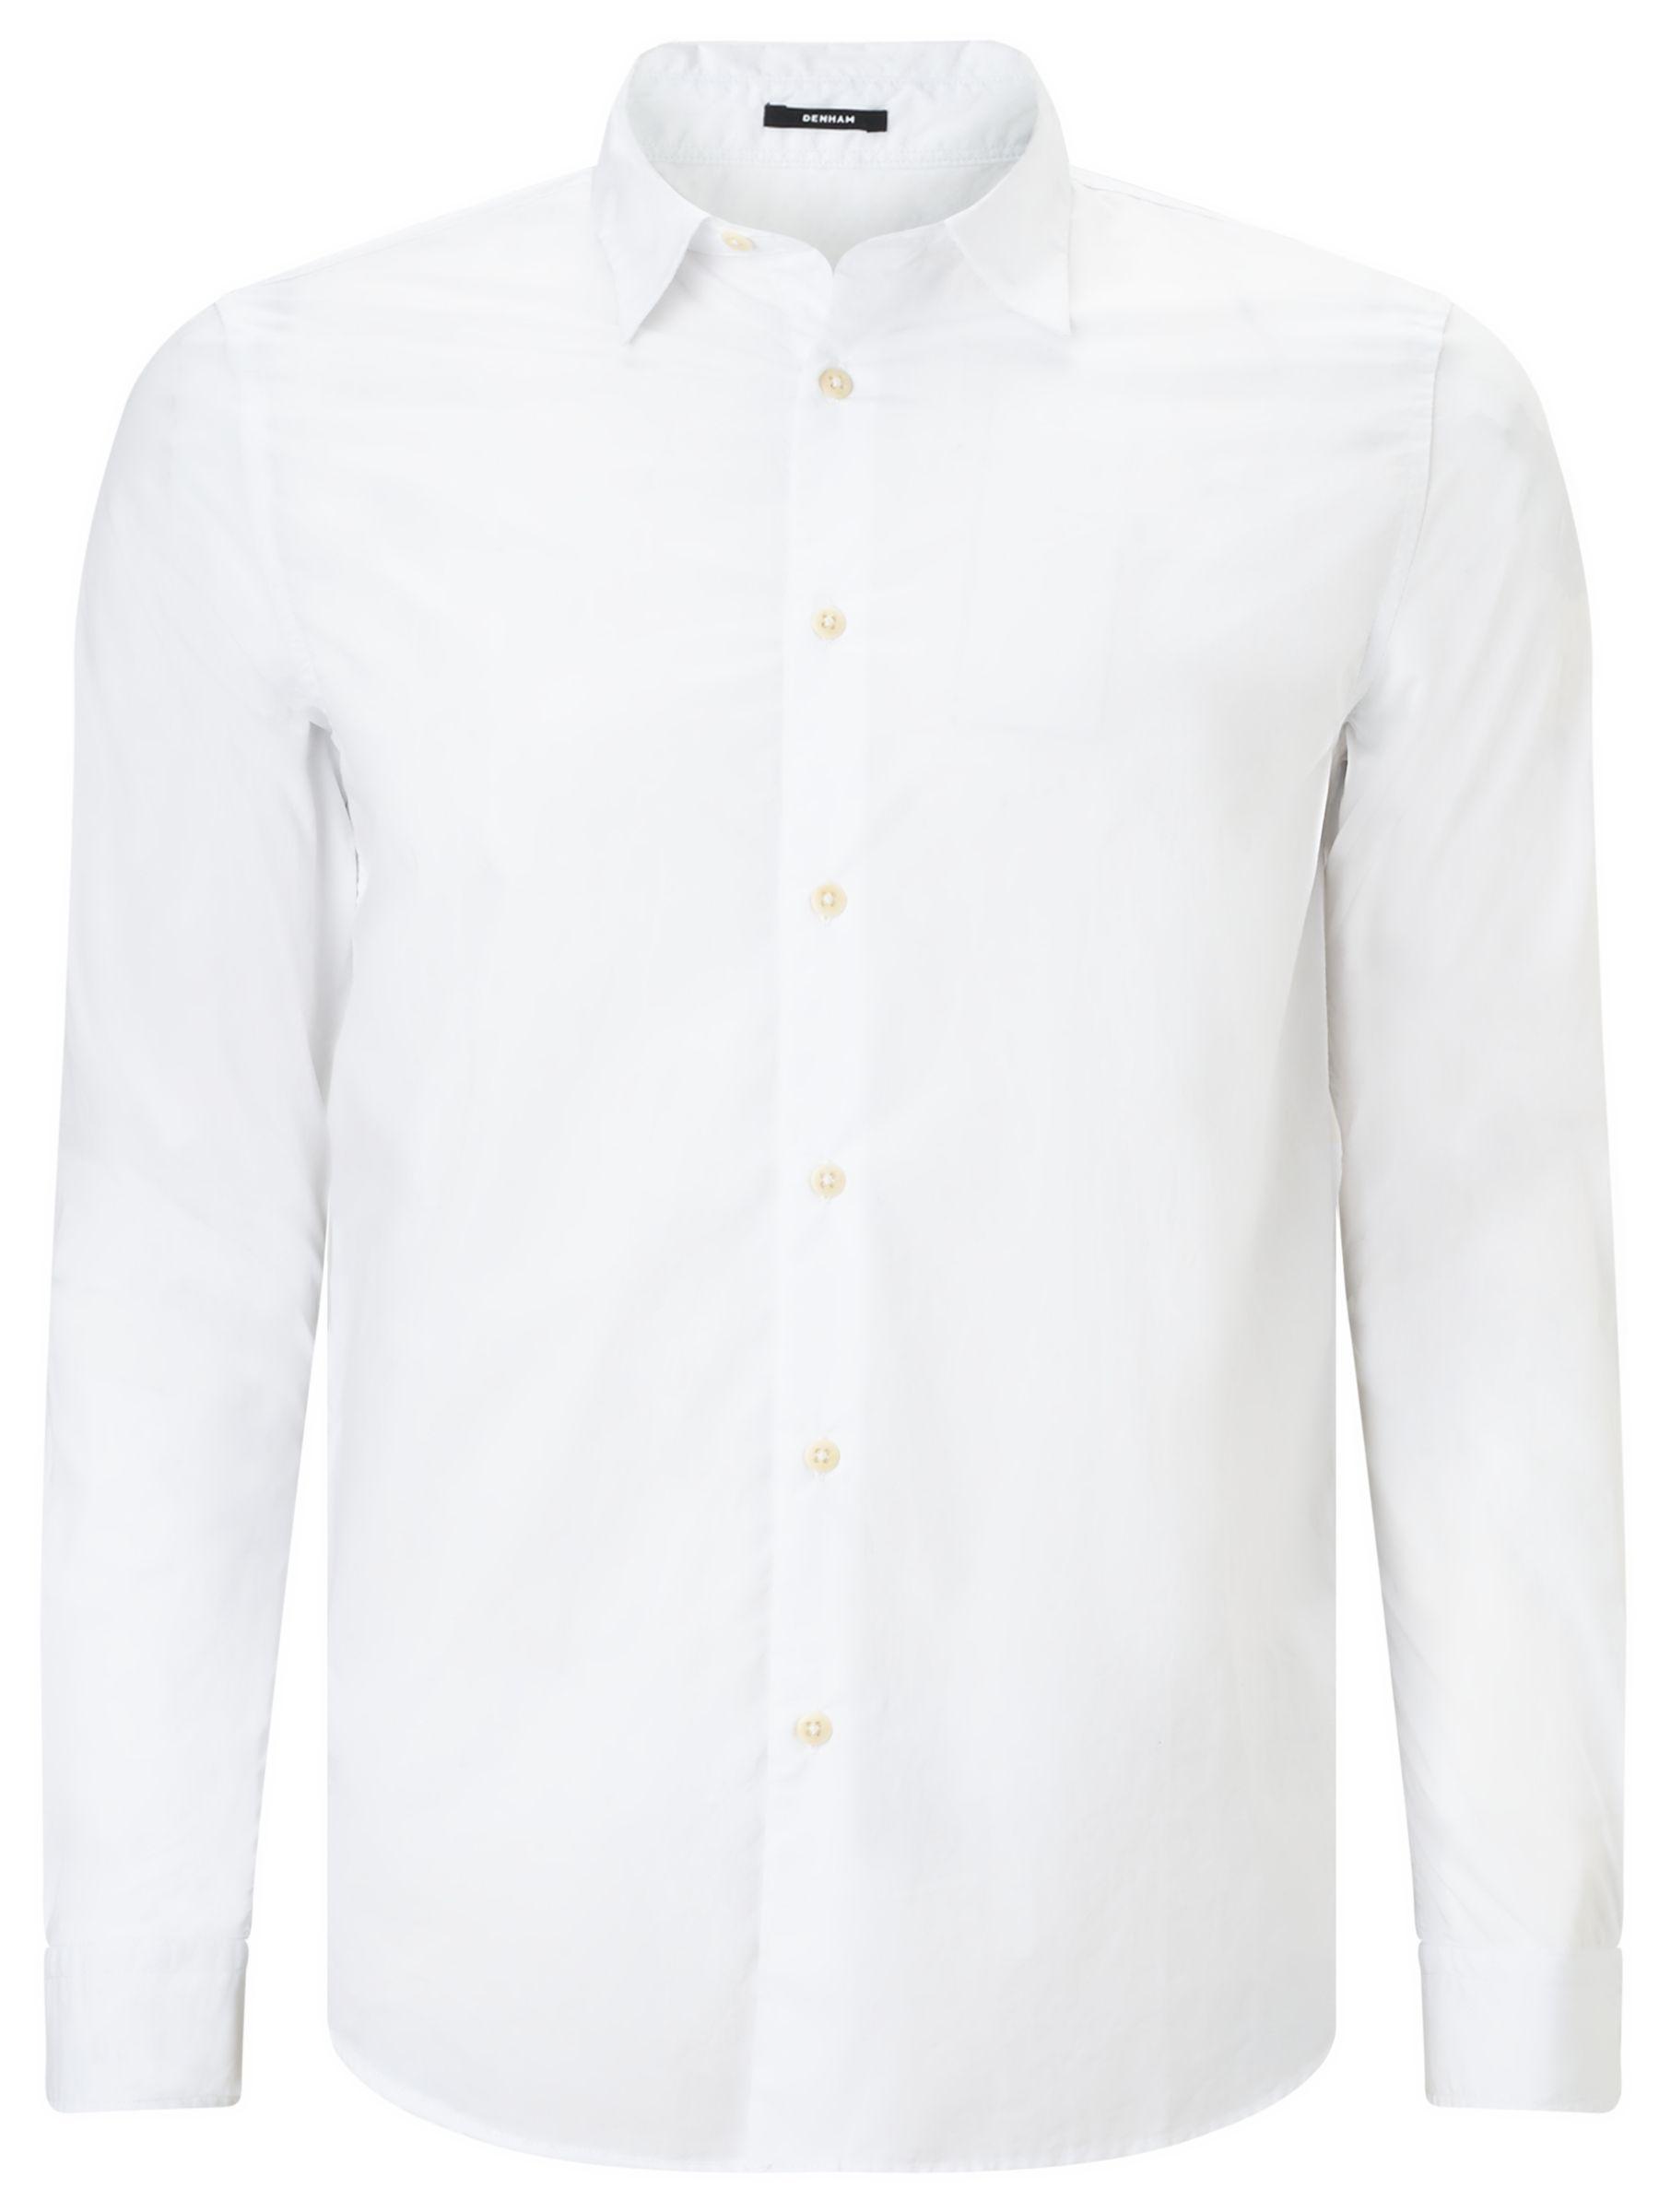 Denham Denham Pack Shirt, Bone White